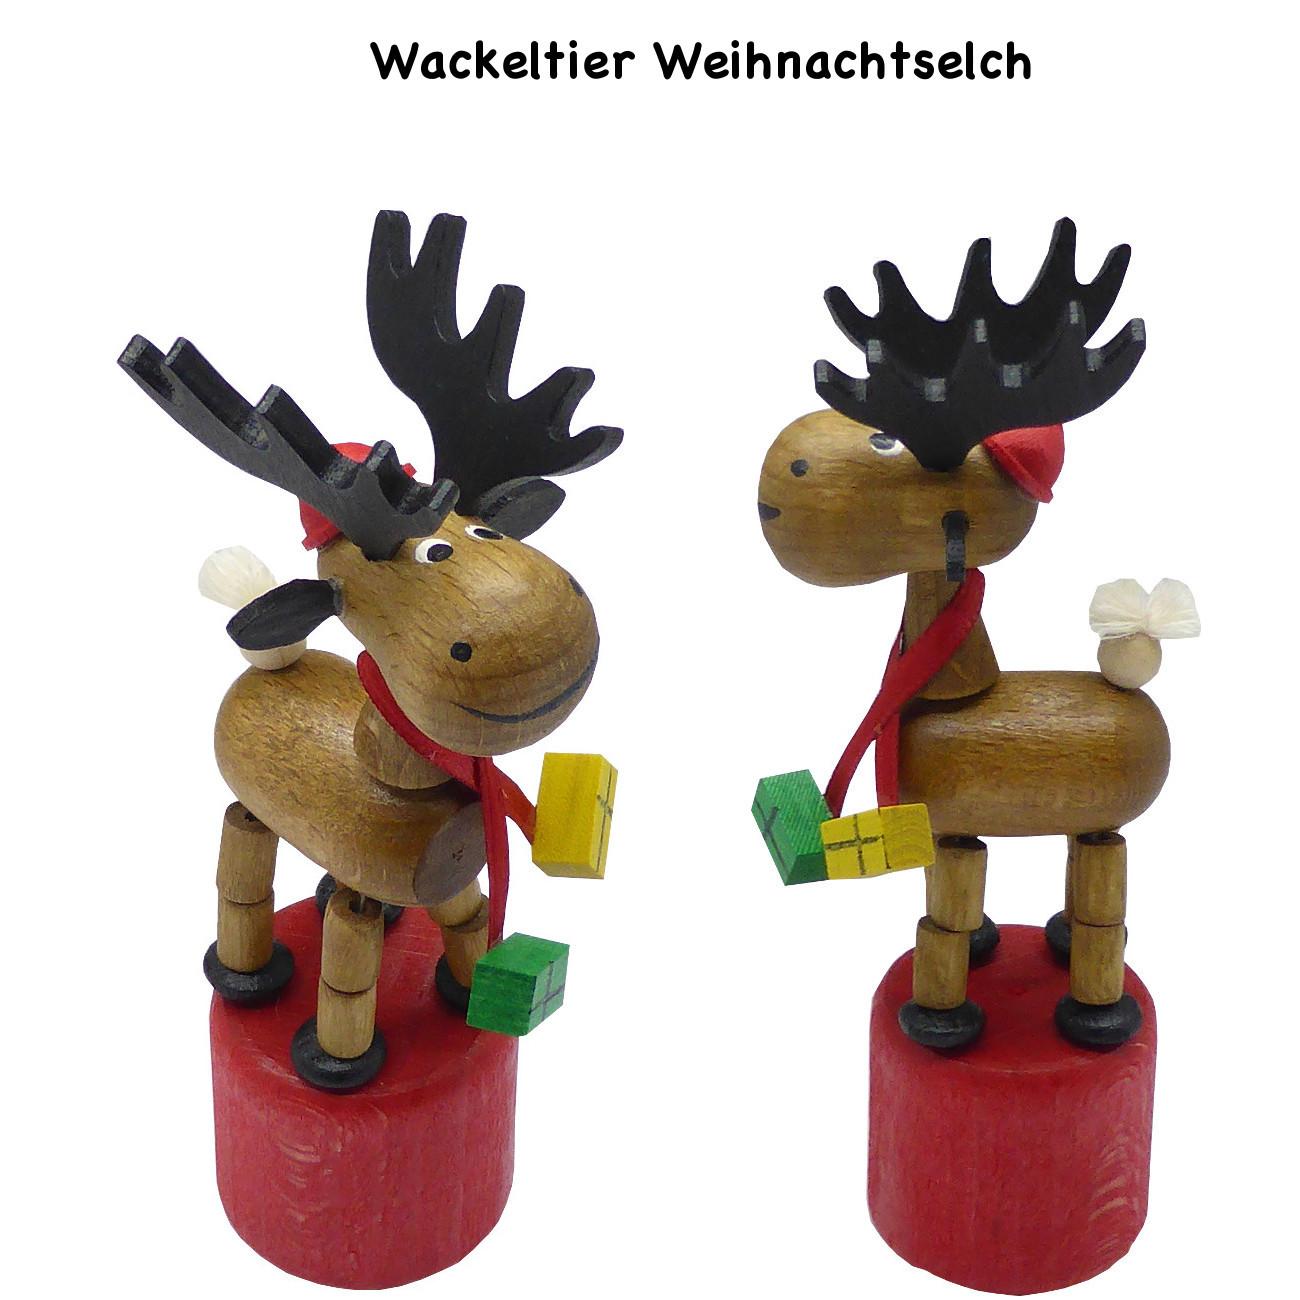 Wackelfigur_Elch_Gruppefoto